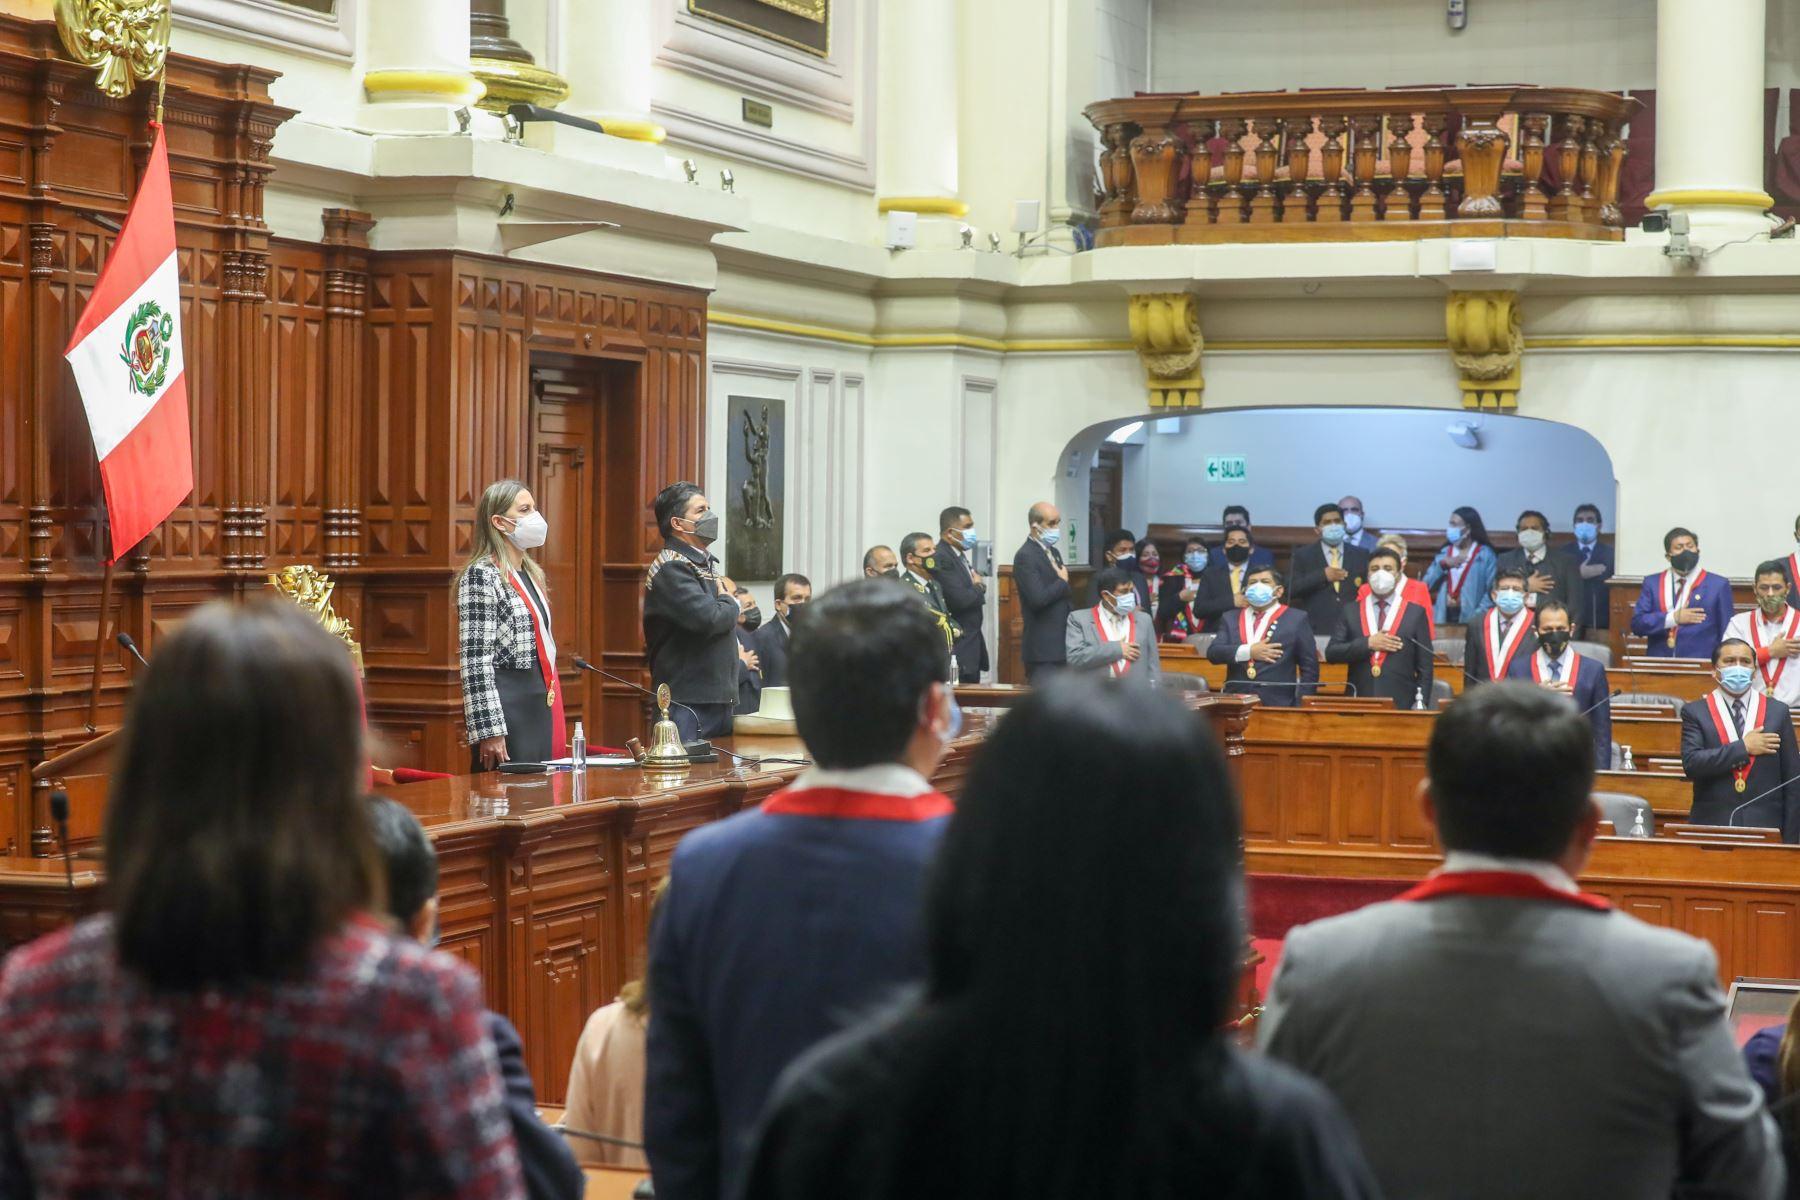 Sesión Solemne del Pleno con motivo de la Conmemoración del 199.° aniversario de creación del Congreso de la República. Foto: Congreso